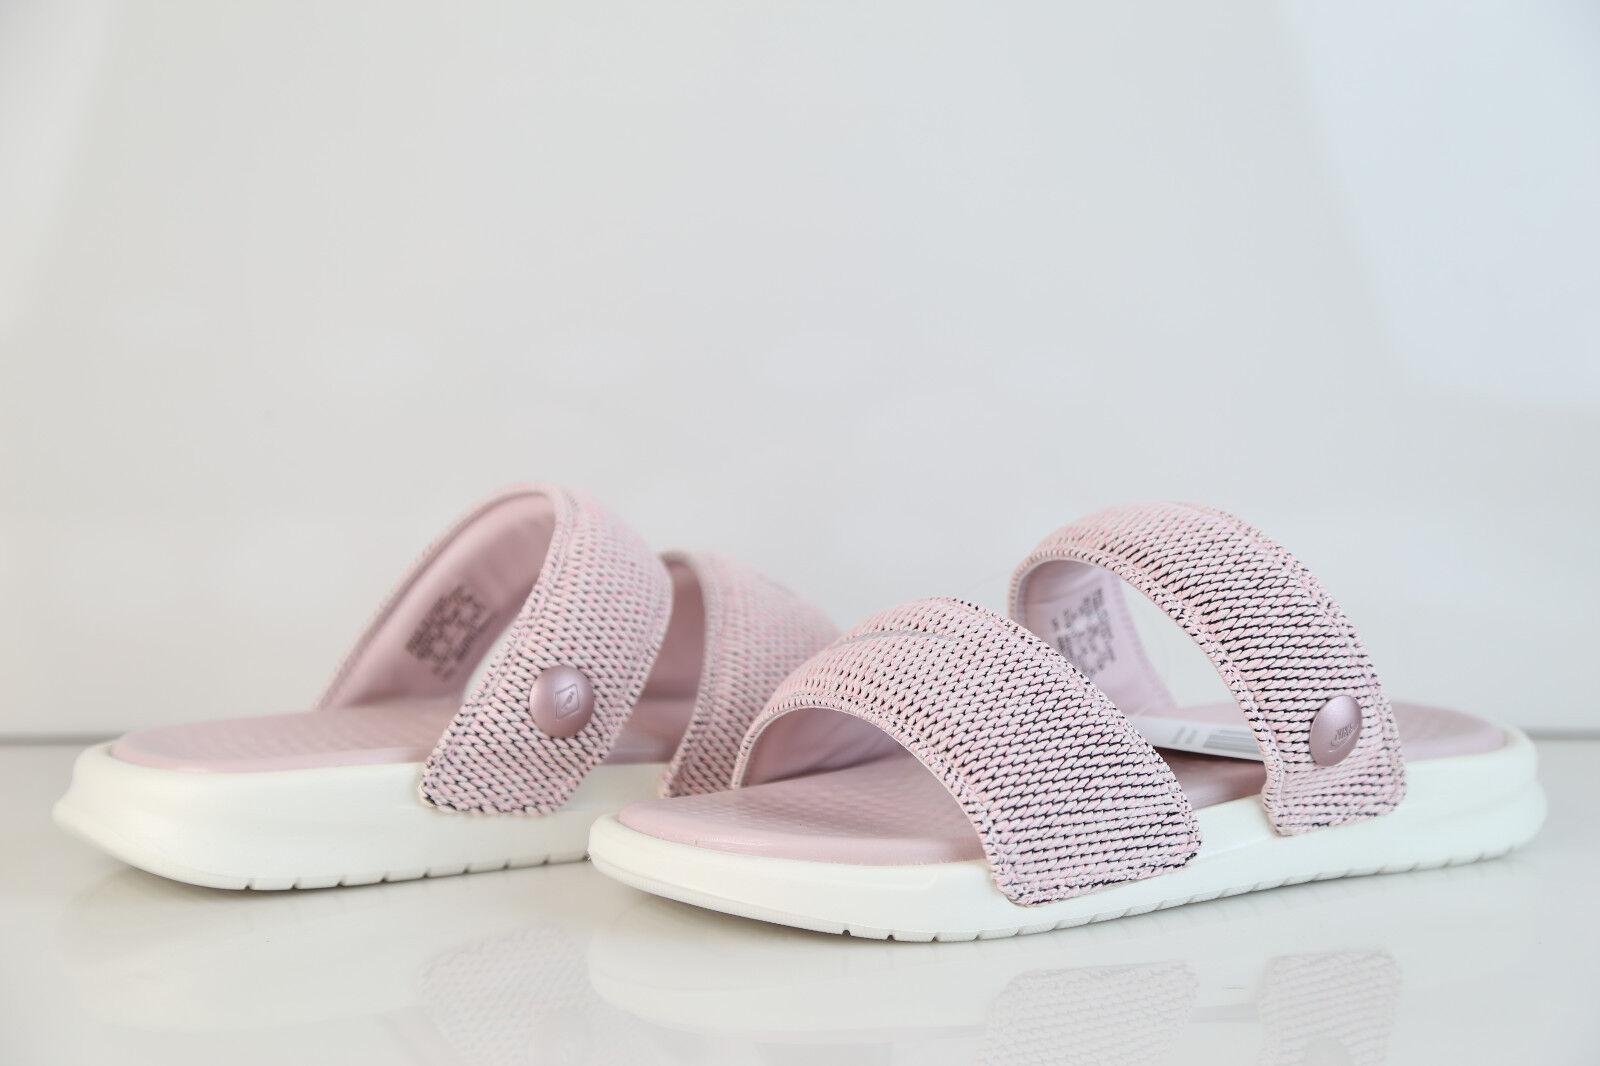 Nike Lab Benassi Pigalle Duo Ultra Slide Carnation Rose Pink Sail 902783-600 8-1